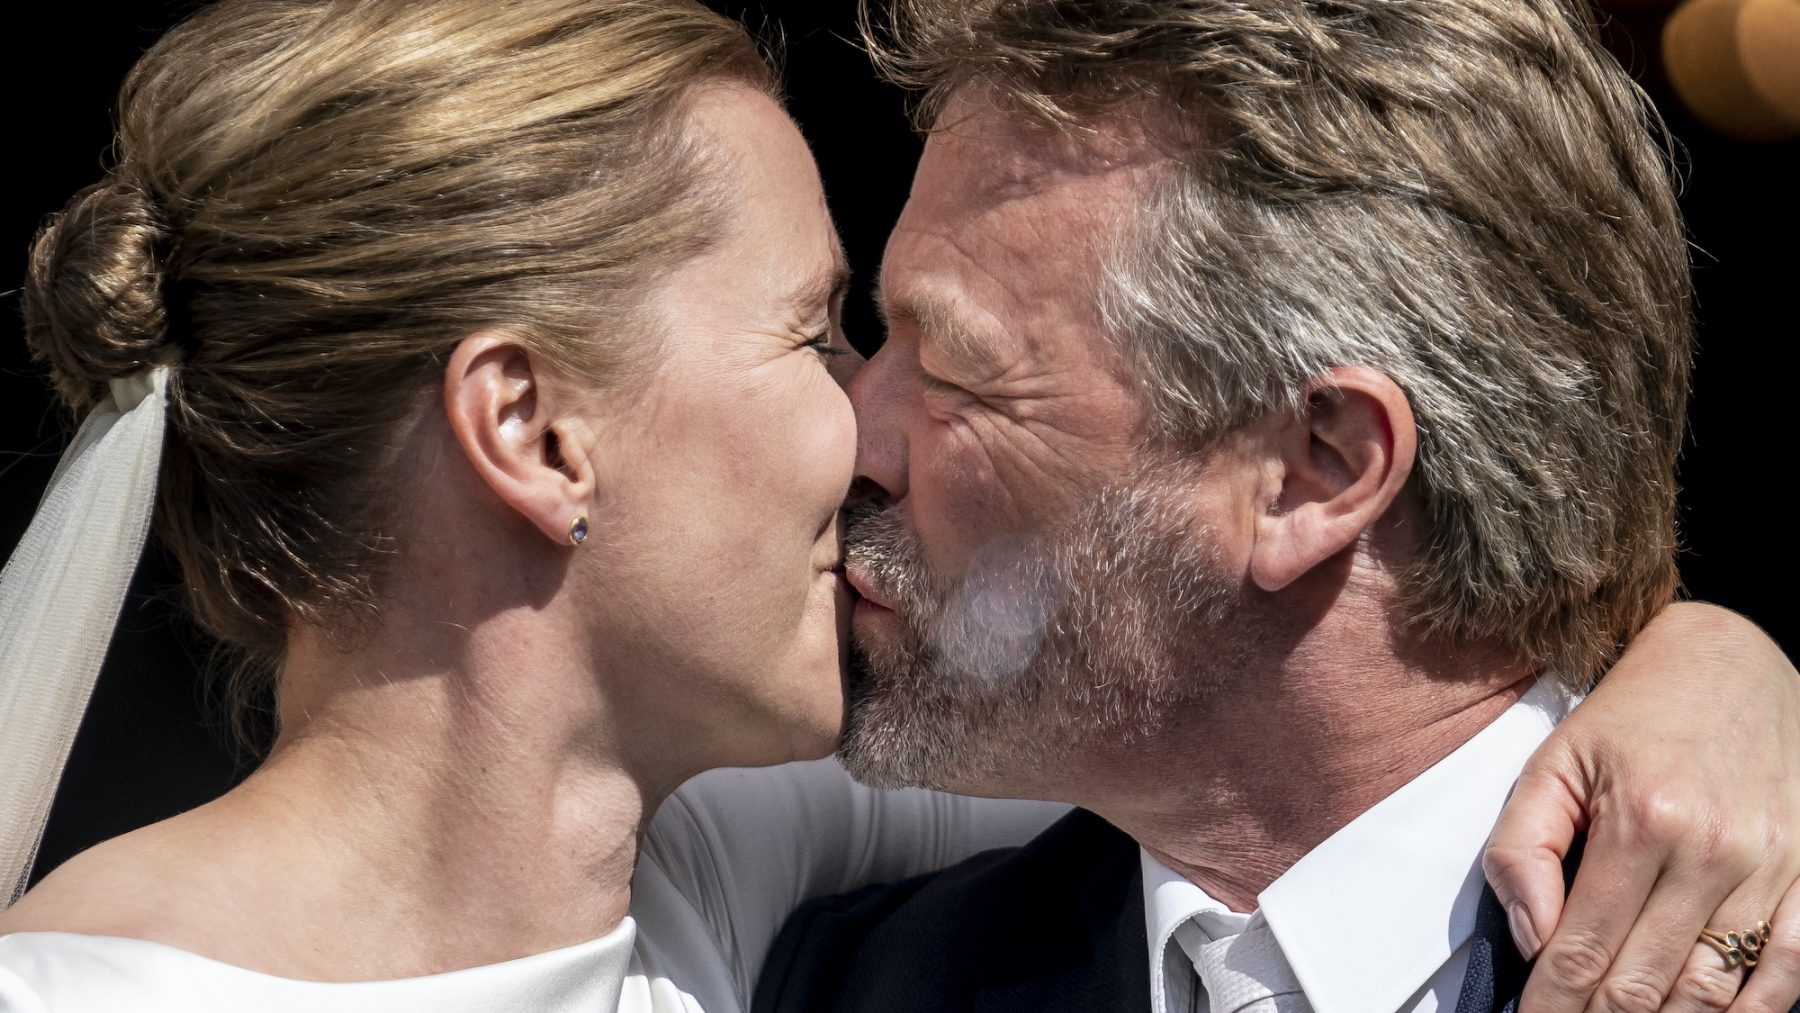 Hè hè: Deense premier eindelijk getrouwd na drie keer huwelijksdag verzetten